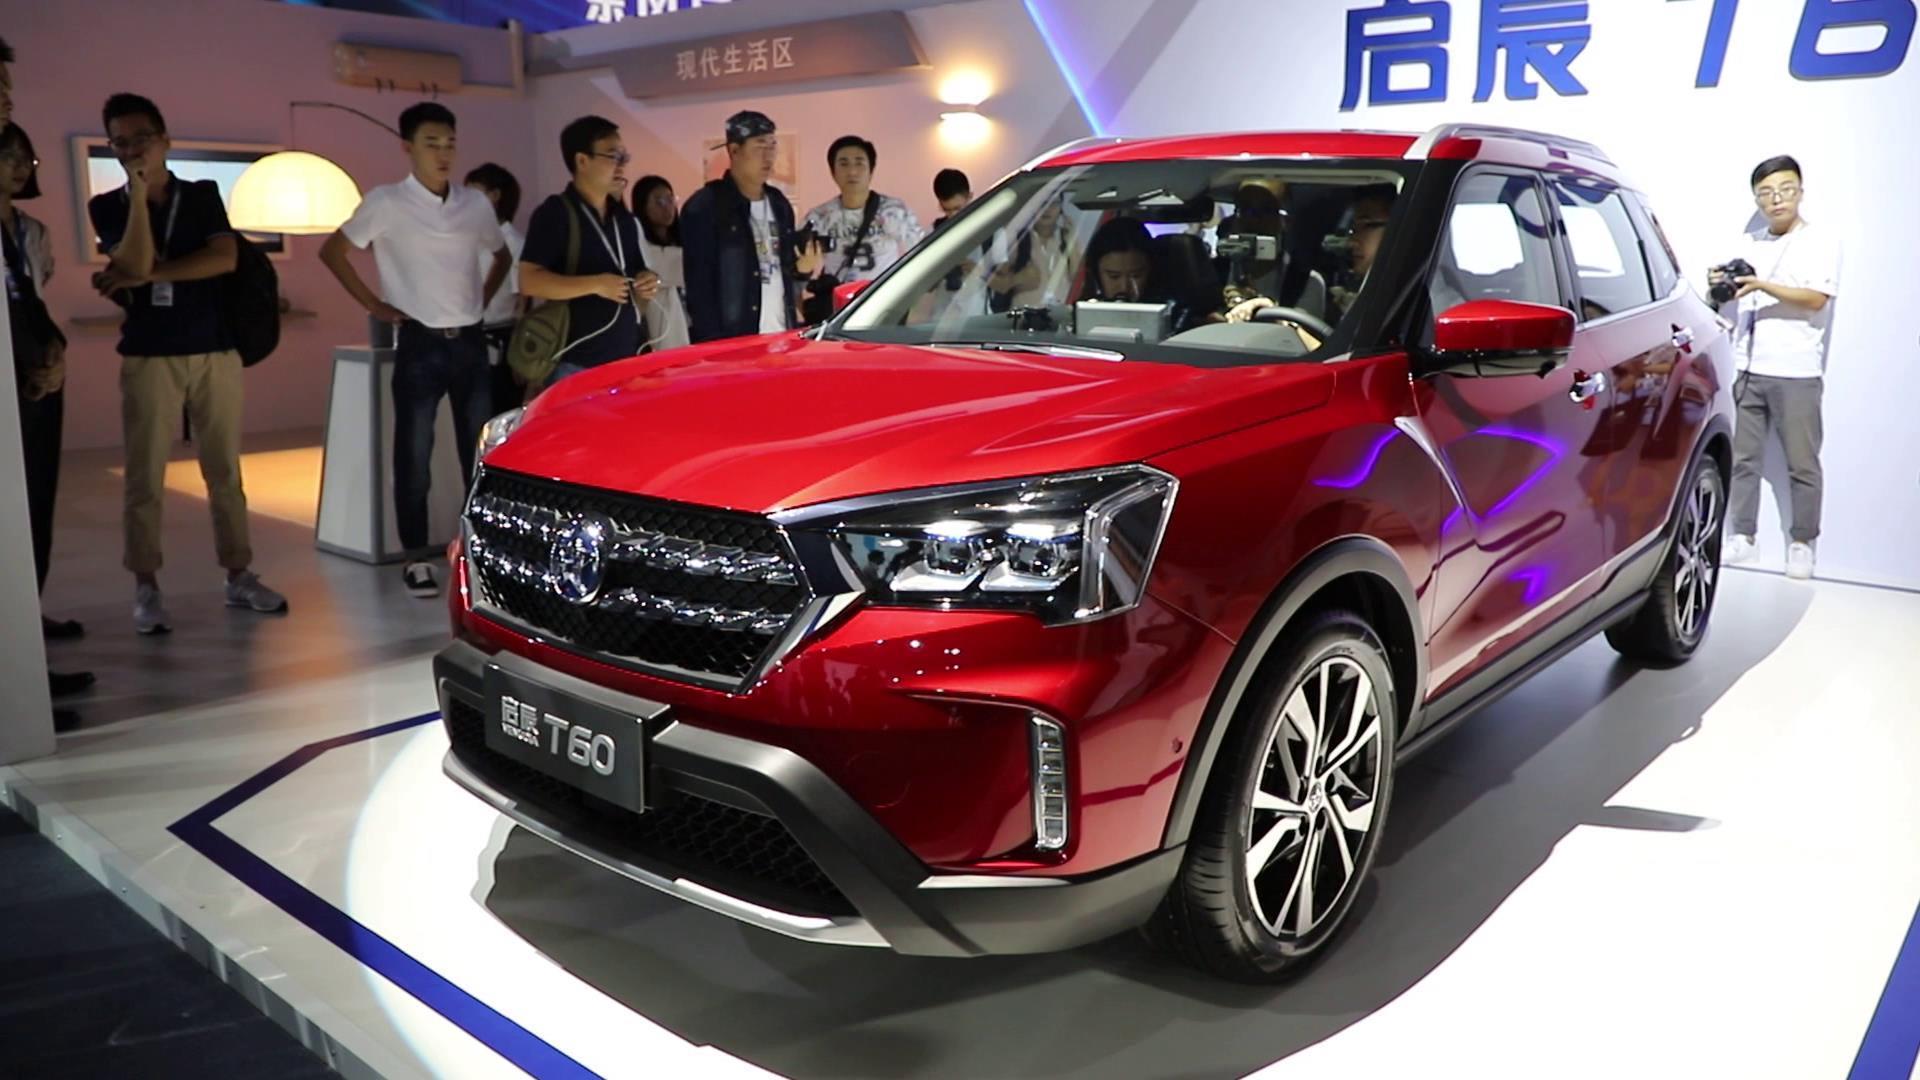 高品质智趣SUV  东风启辰T60首发亮相并启动预售